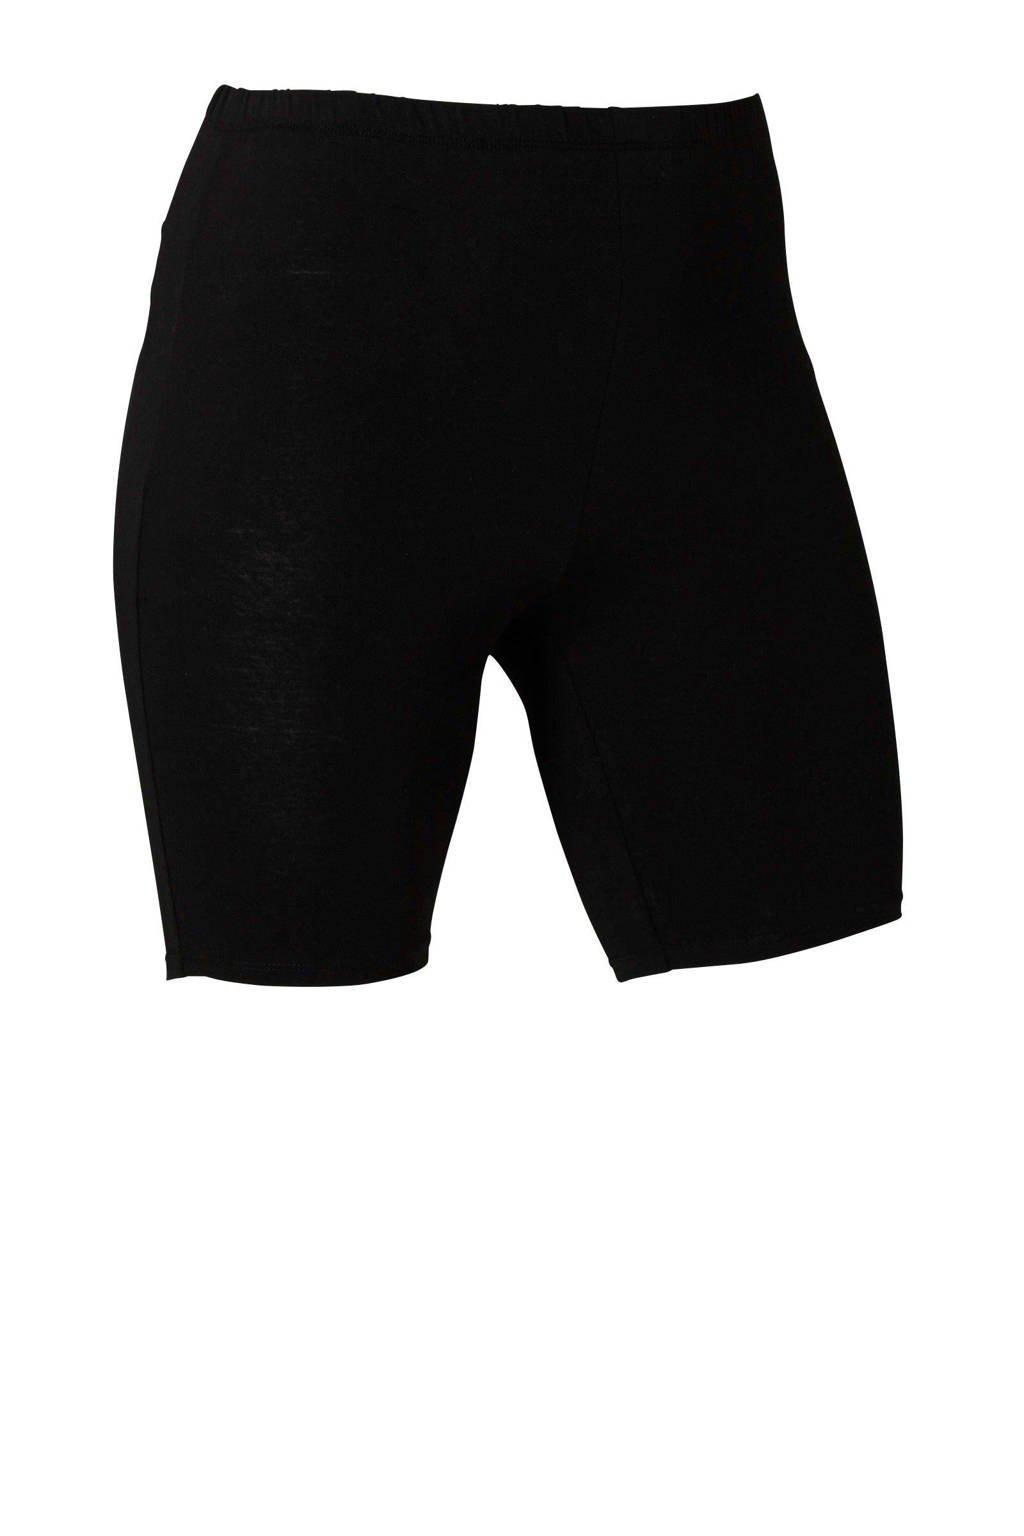 GREAT LOOKS cycling short zwart, Zwart